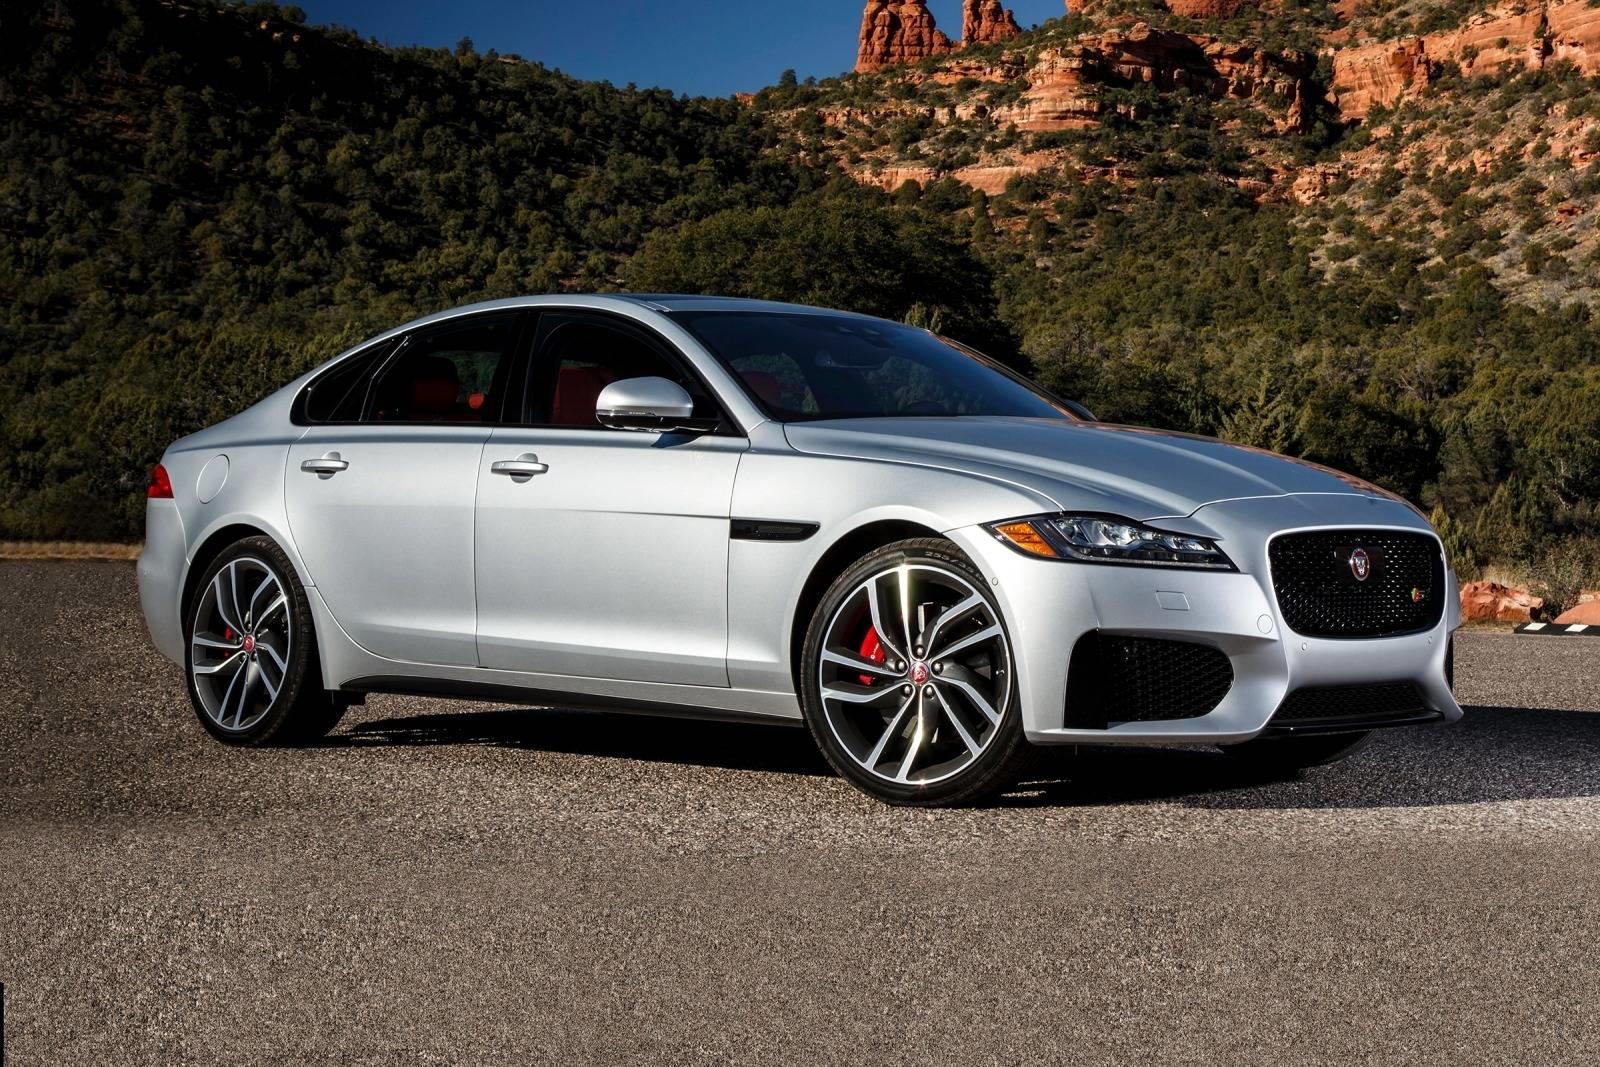 range usa diesel suv models jdx price all vehicles desktop jaguar and sedan index